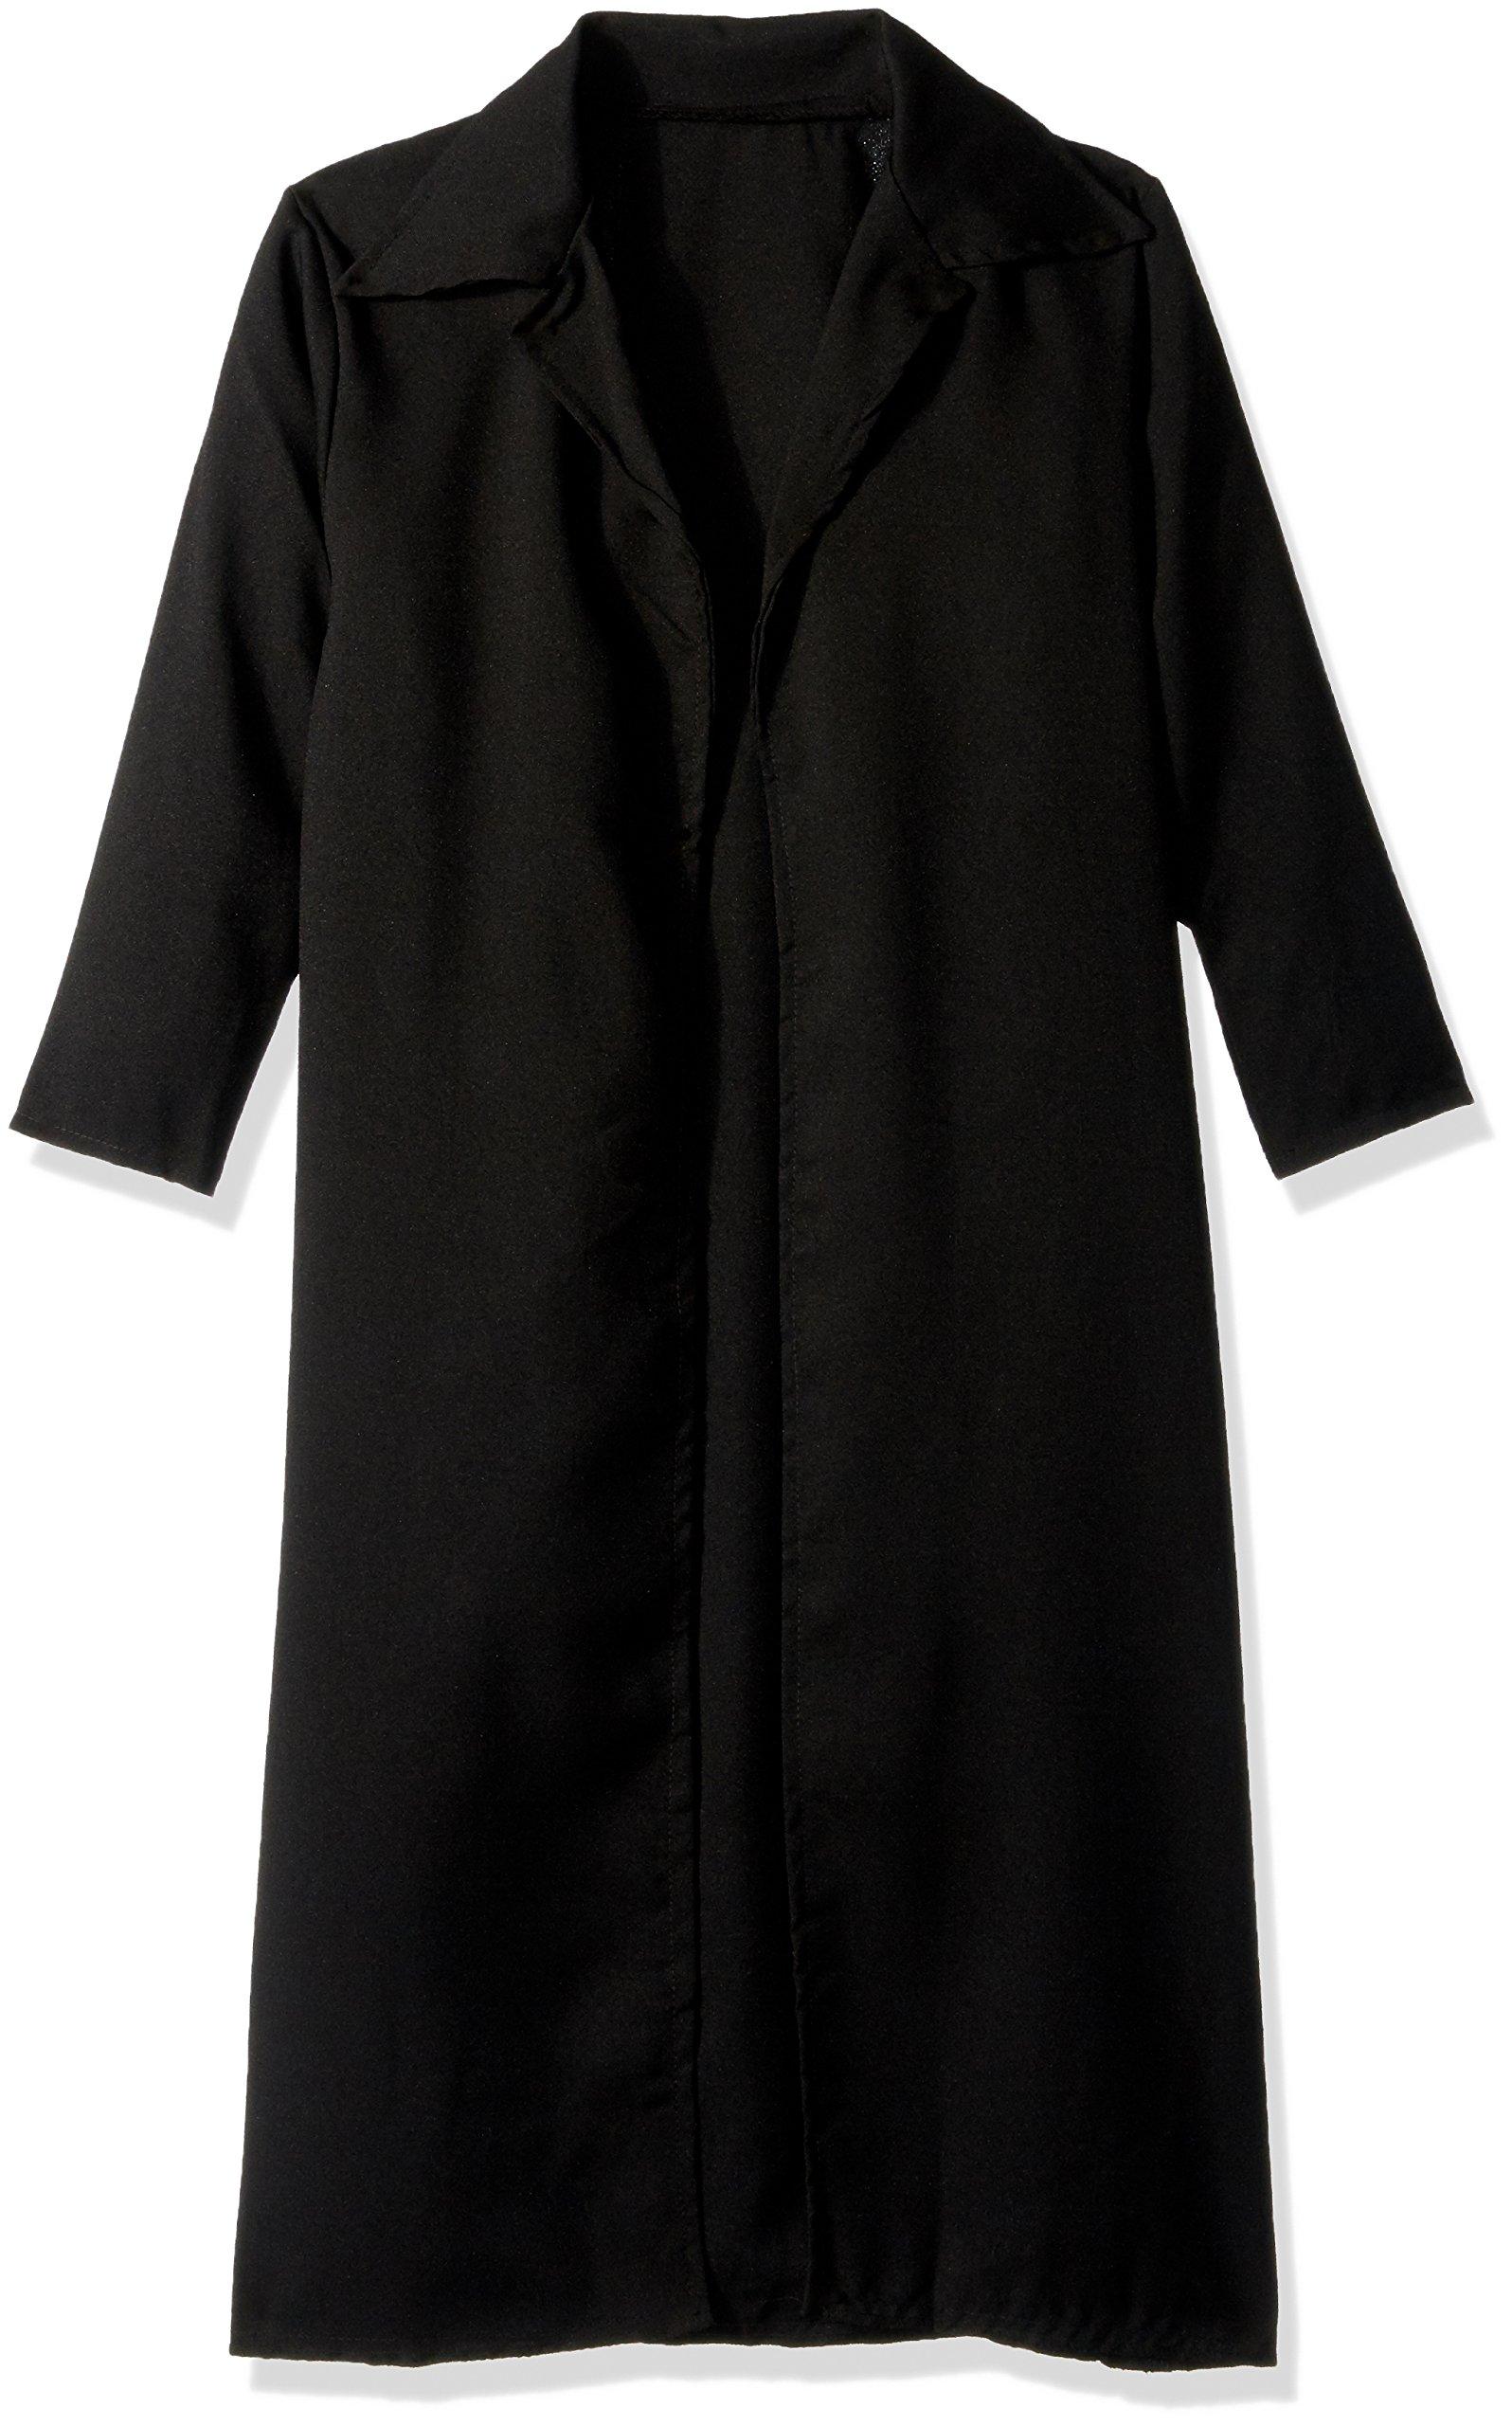 Magician Coat - Child Small Costume